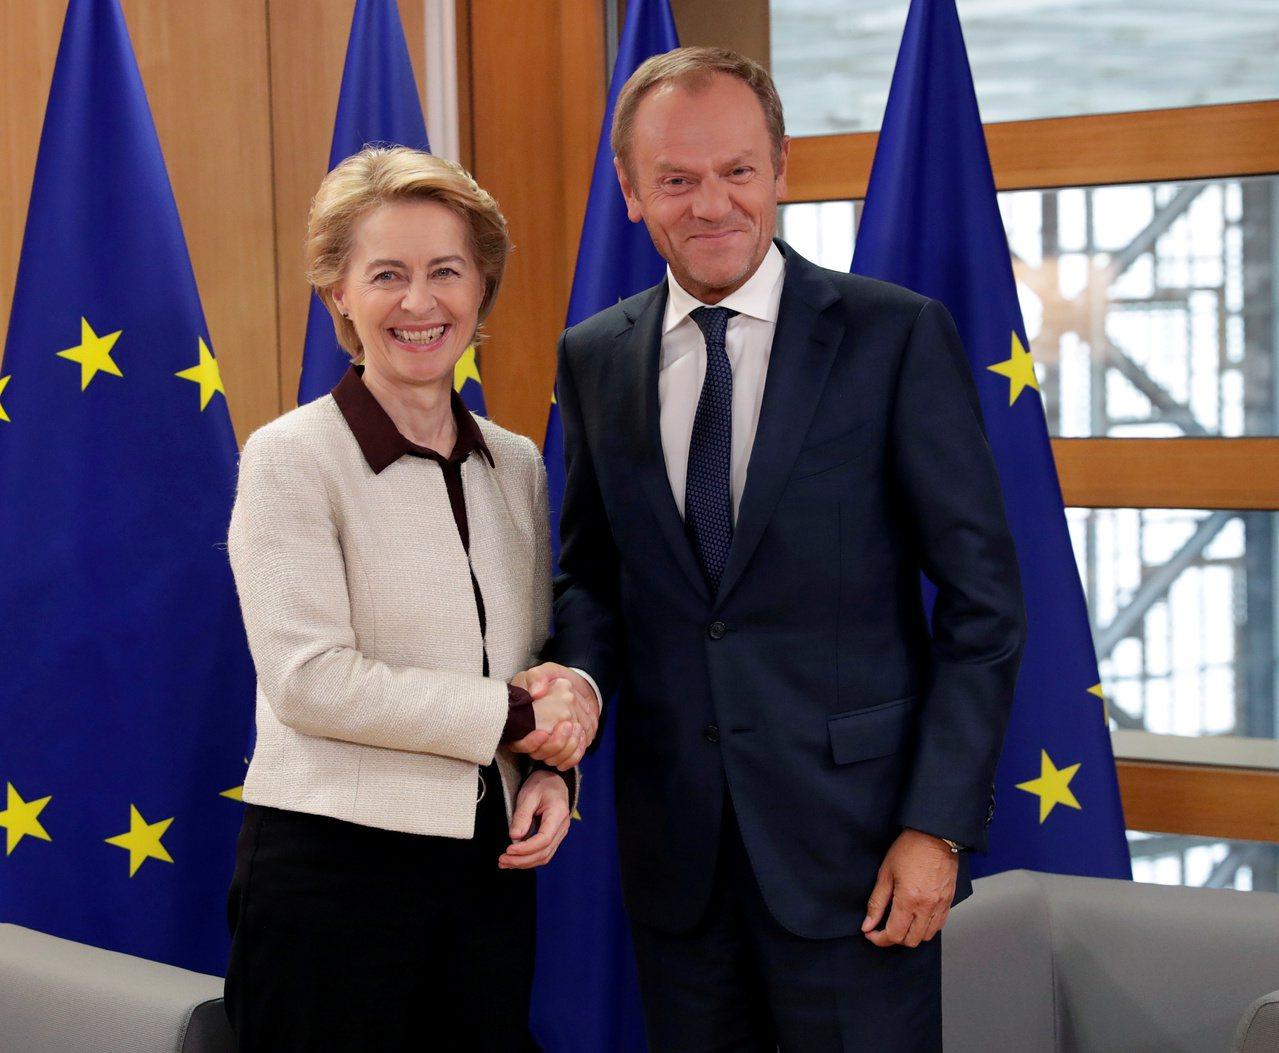 歐洲理事會主席圖斯克(右)8日推文,批評強生將脫歐僵局怪罪歐盟。(路透)